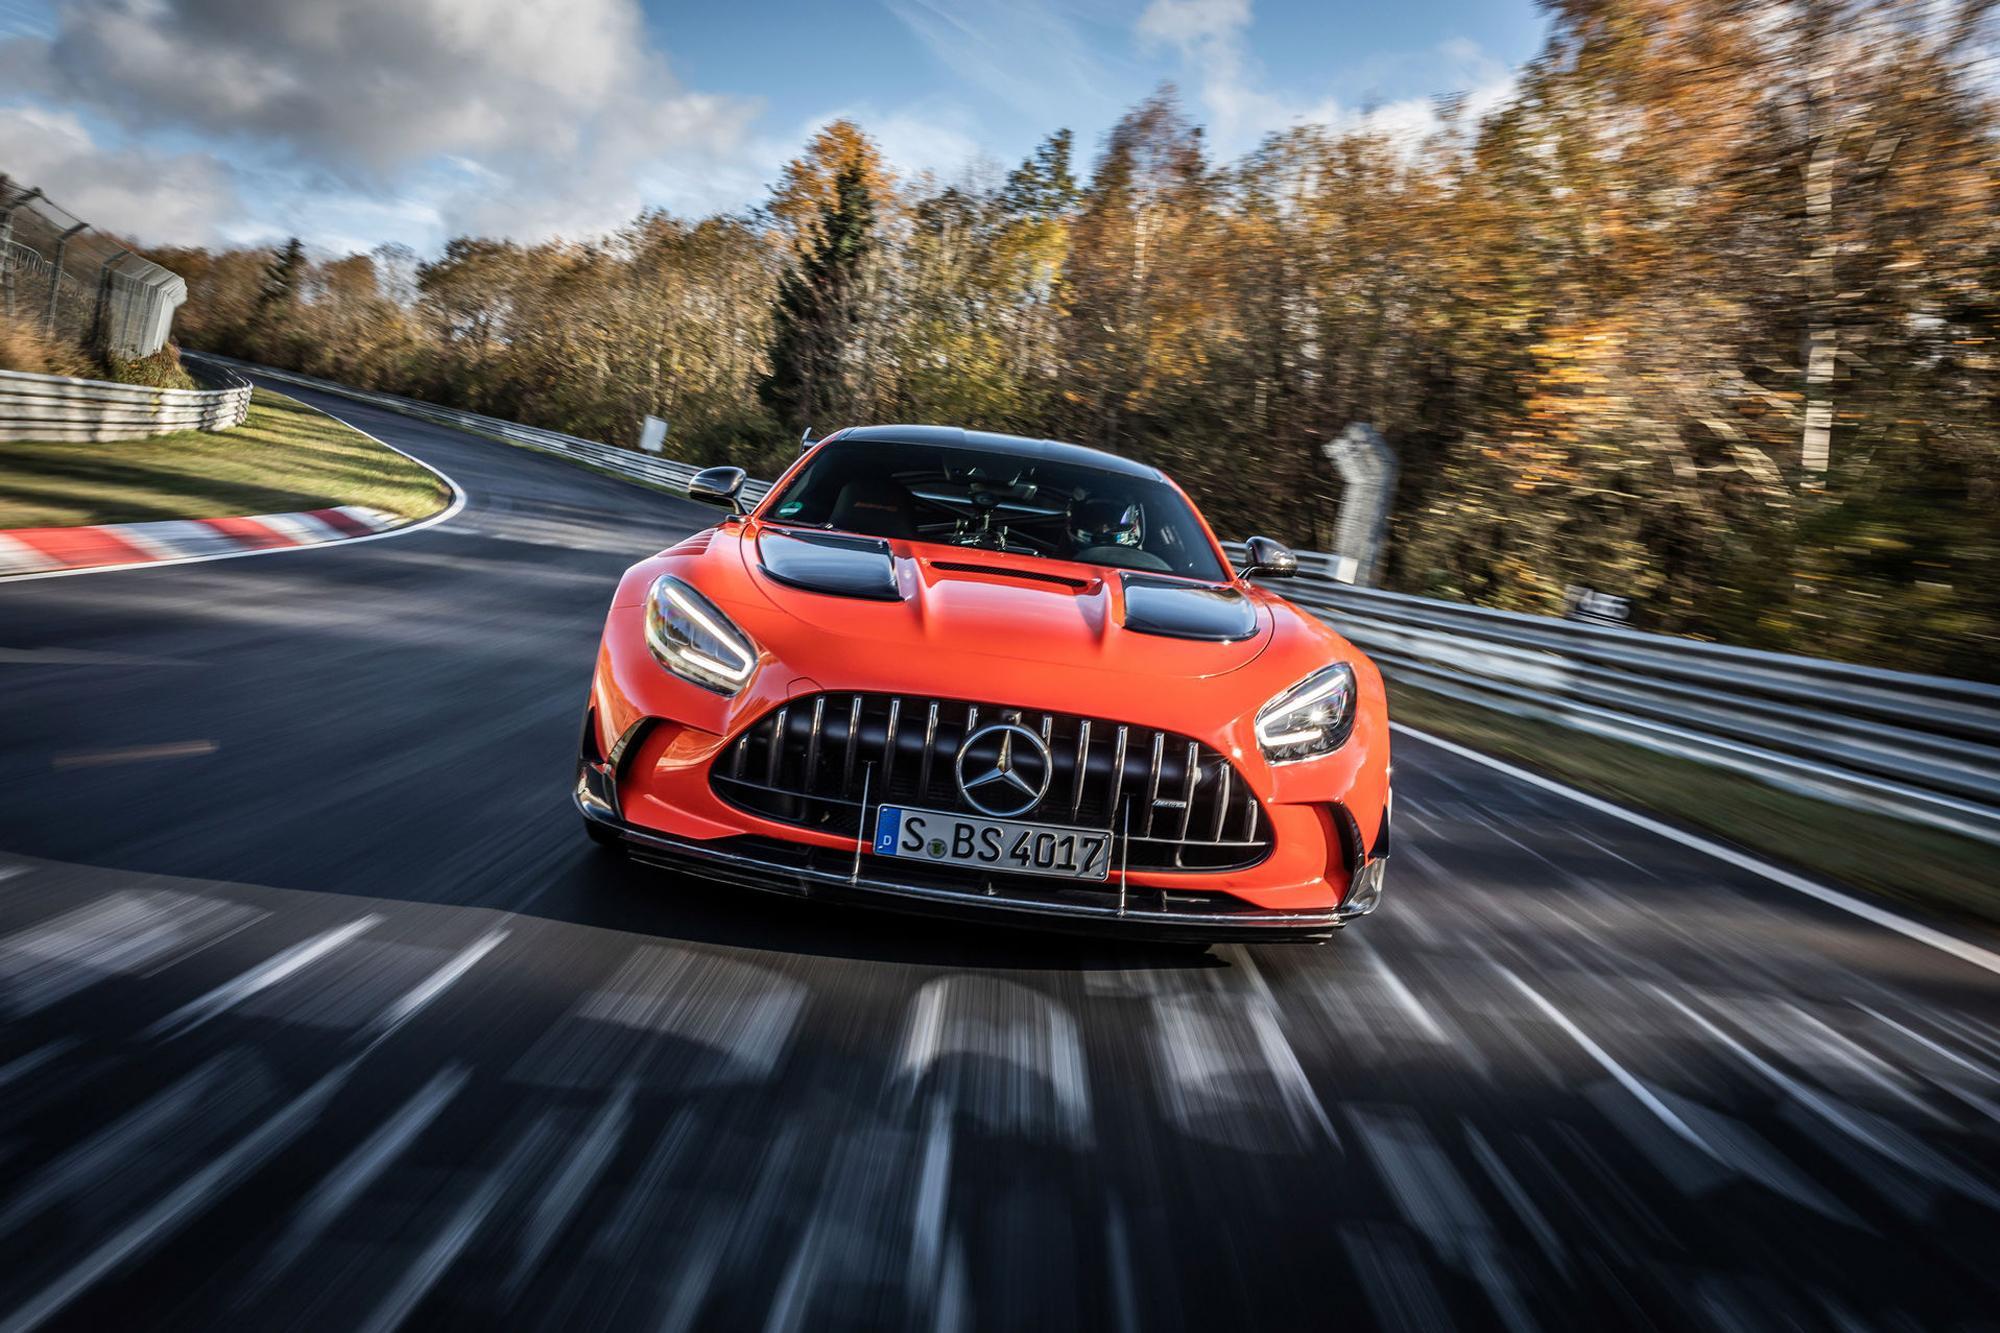 Το γρηγορότερο αυτοκίνητο παραγωγής στο Nurburgring